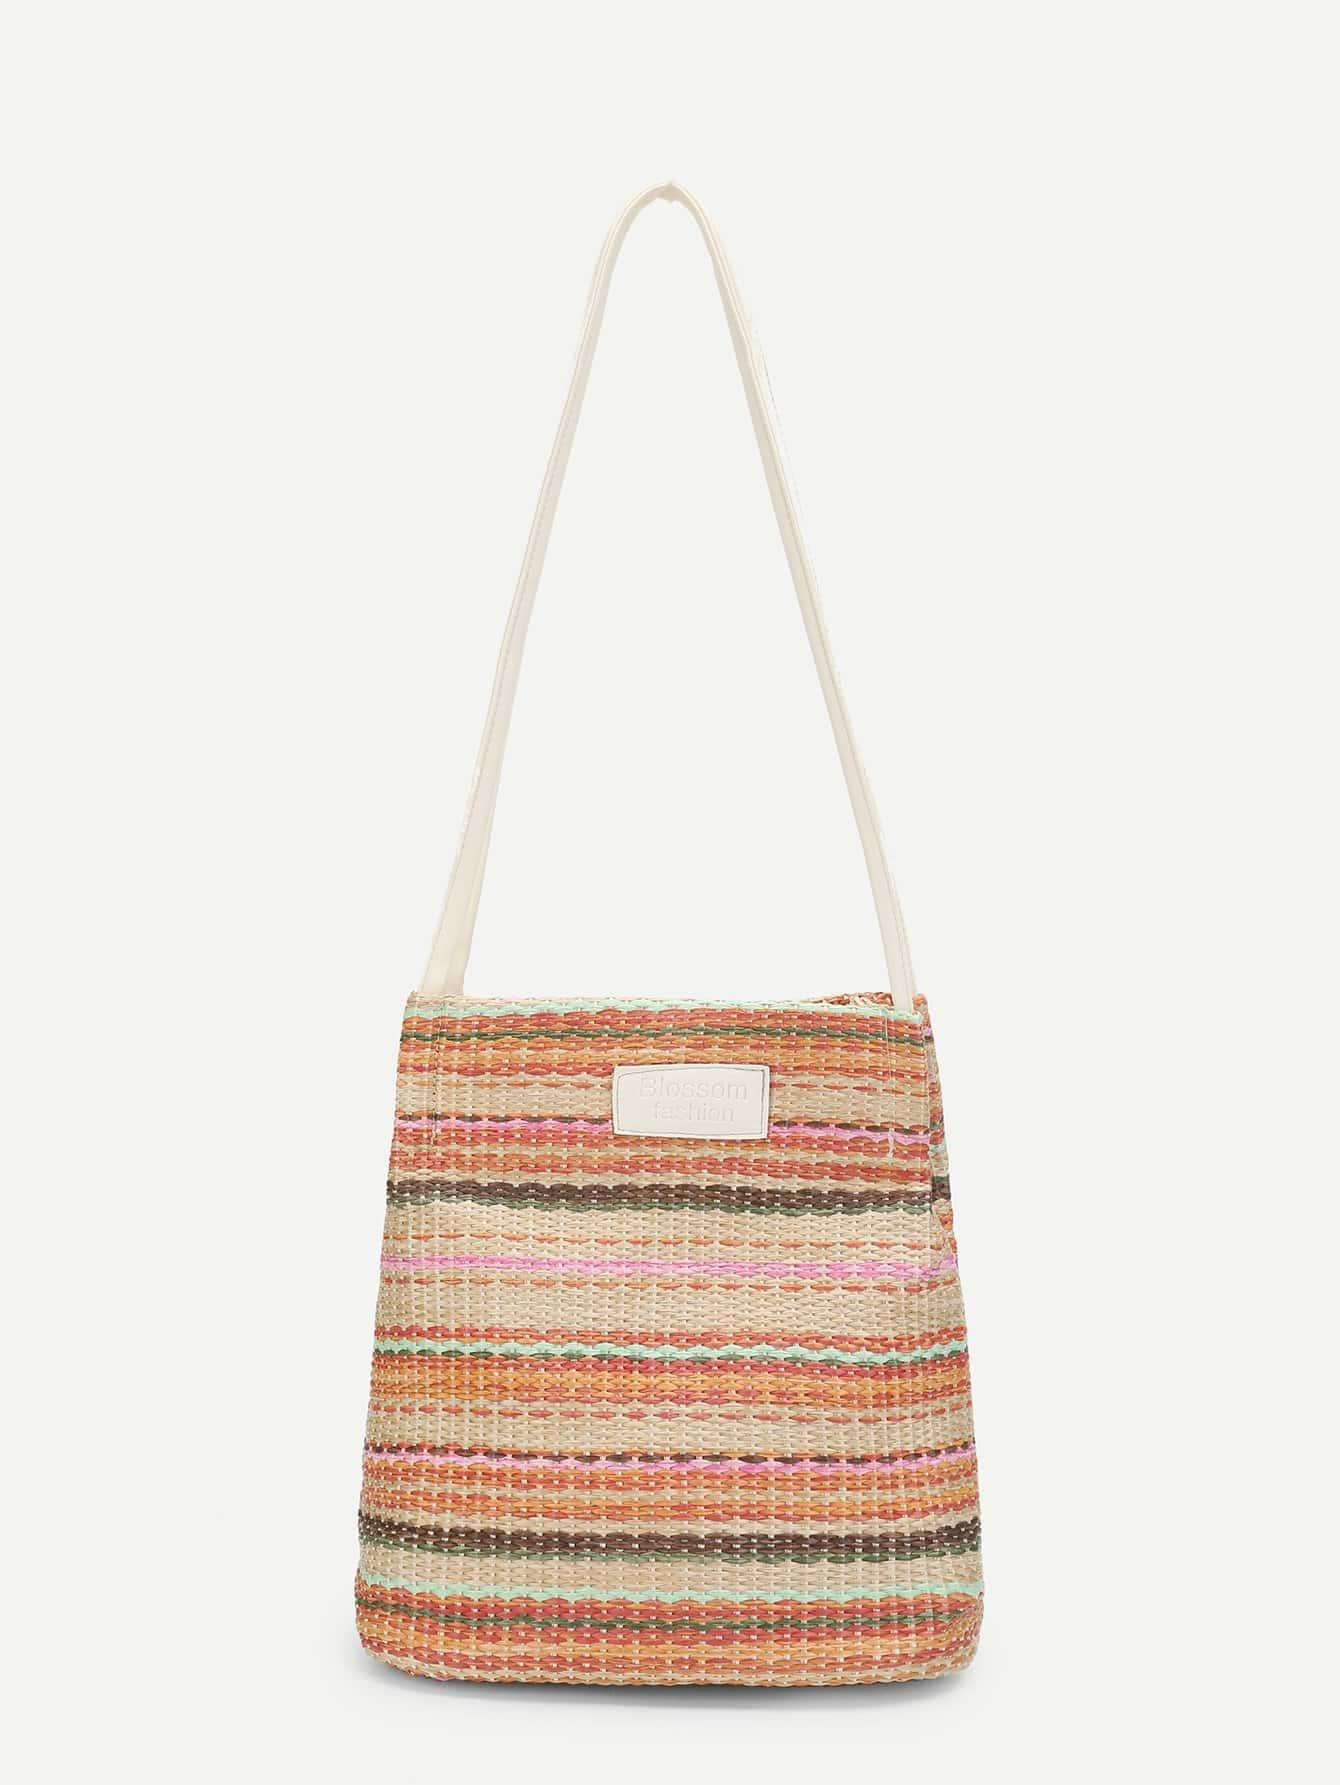 Multicolor Straw Tote Bag